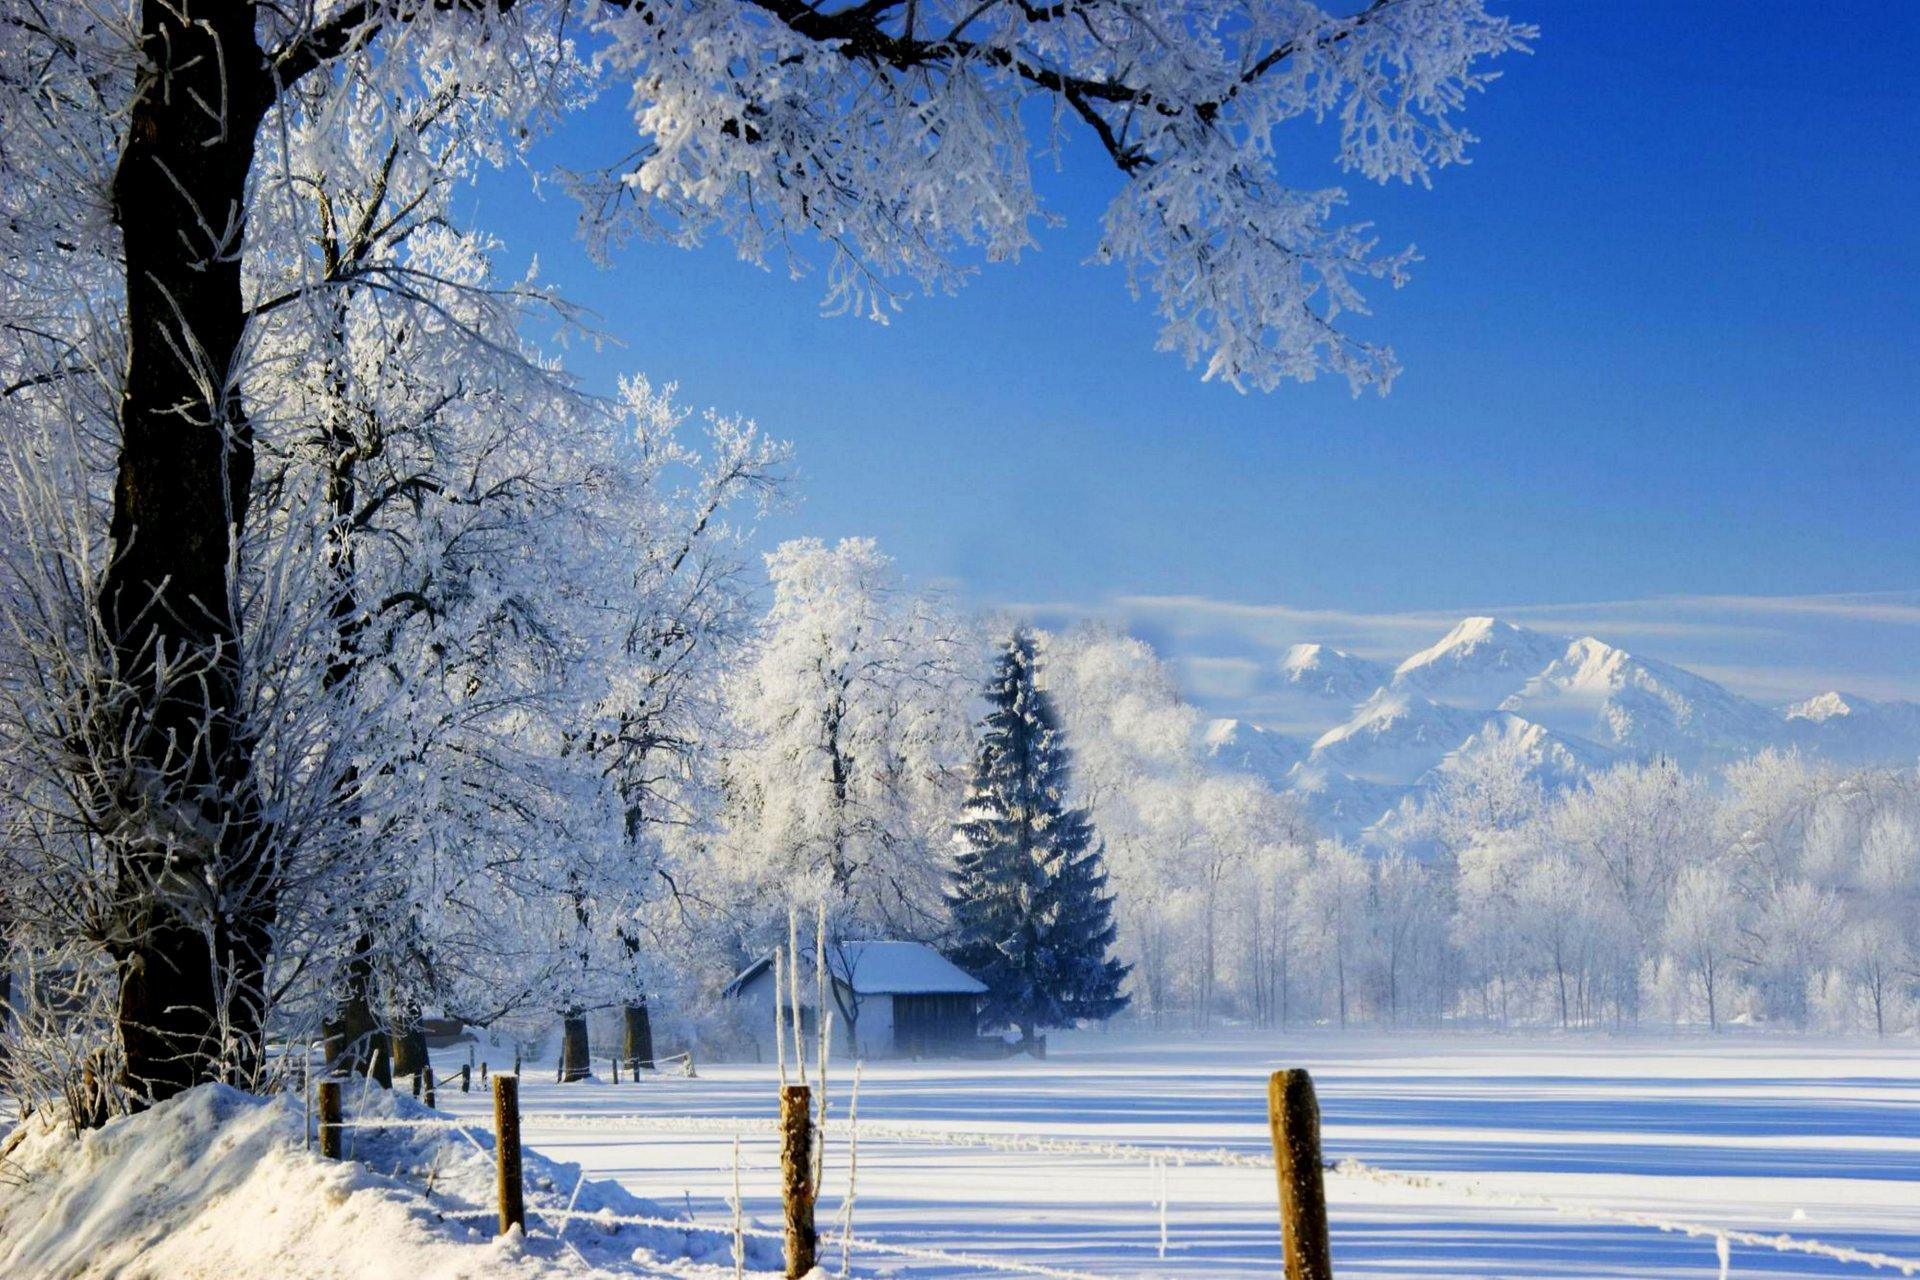 картинка зима круче непосредственной